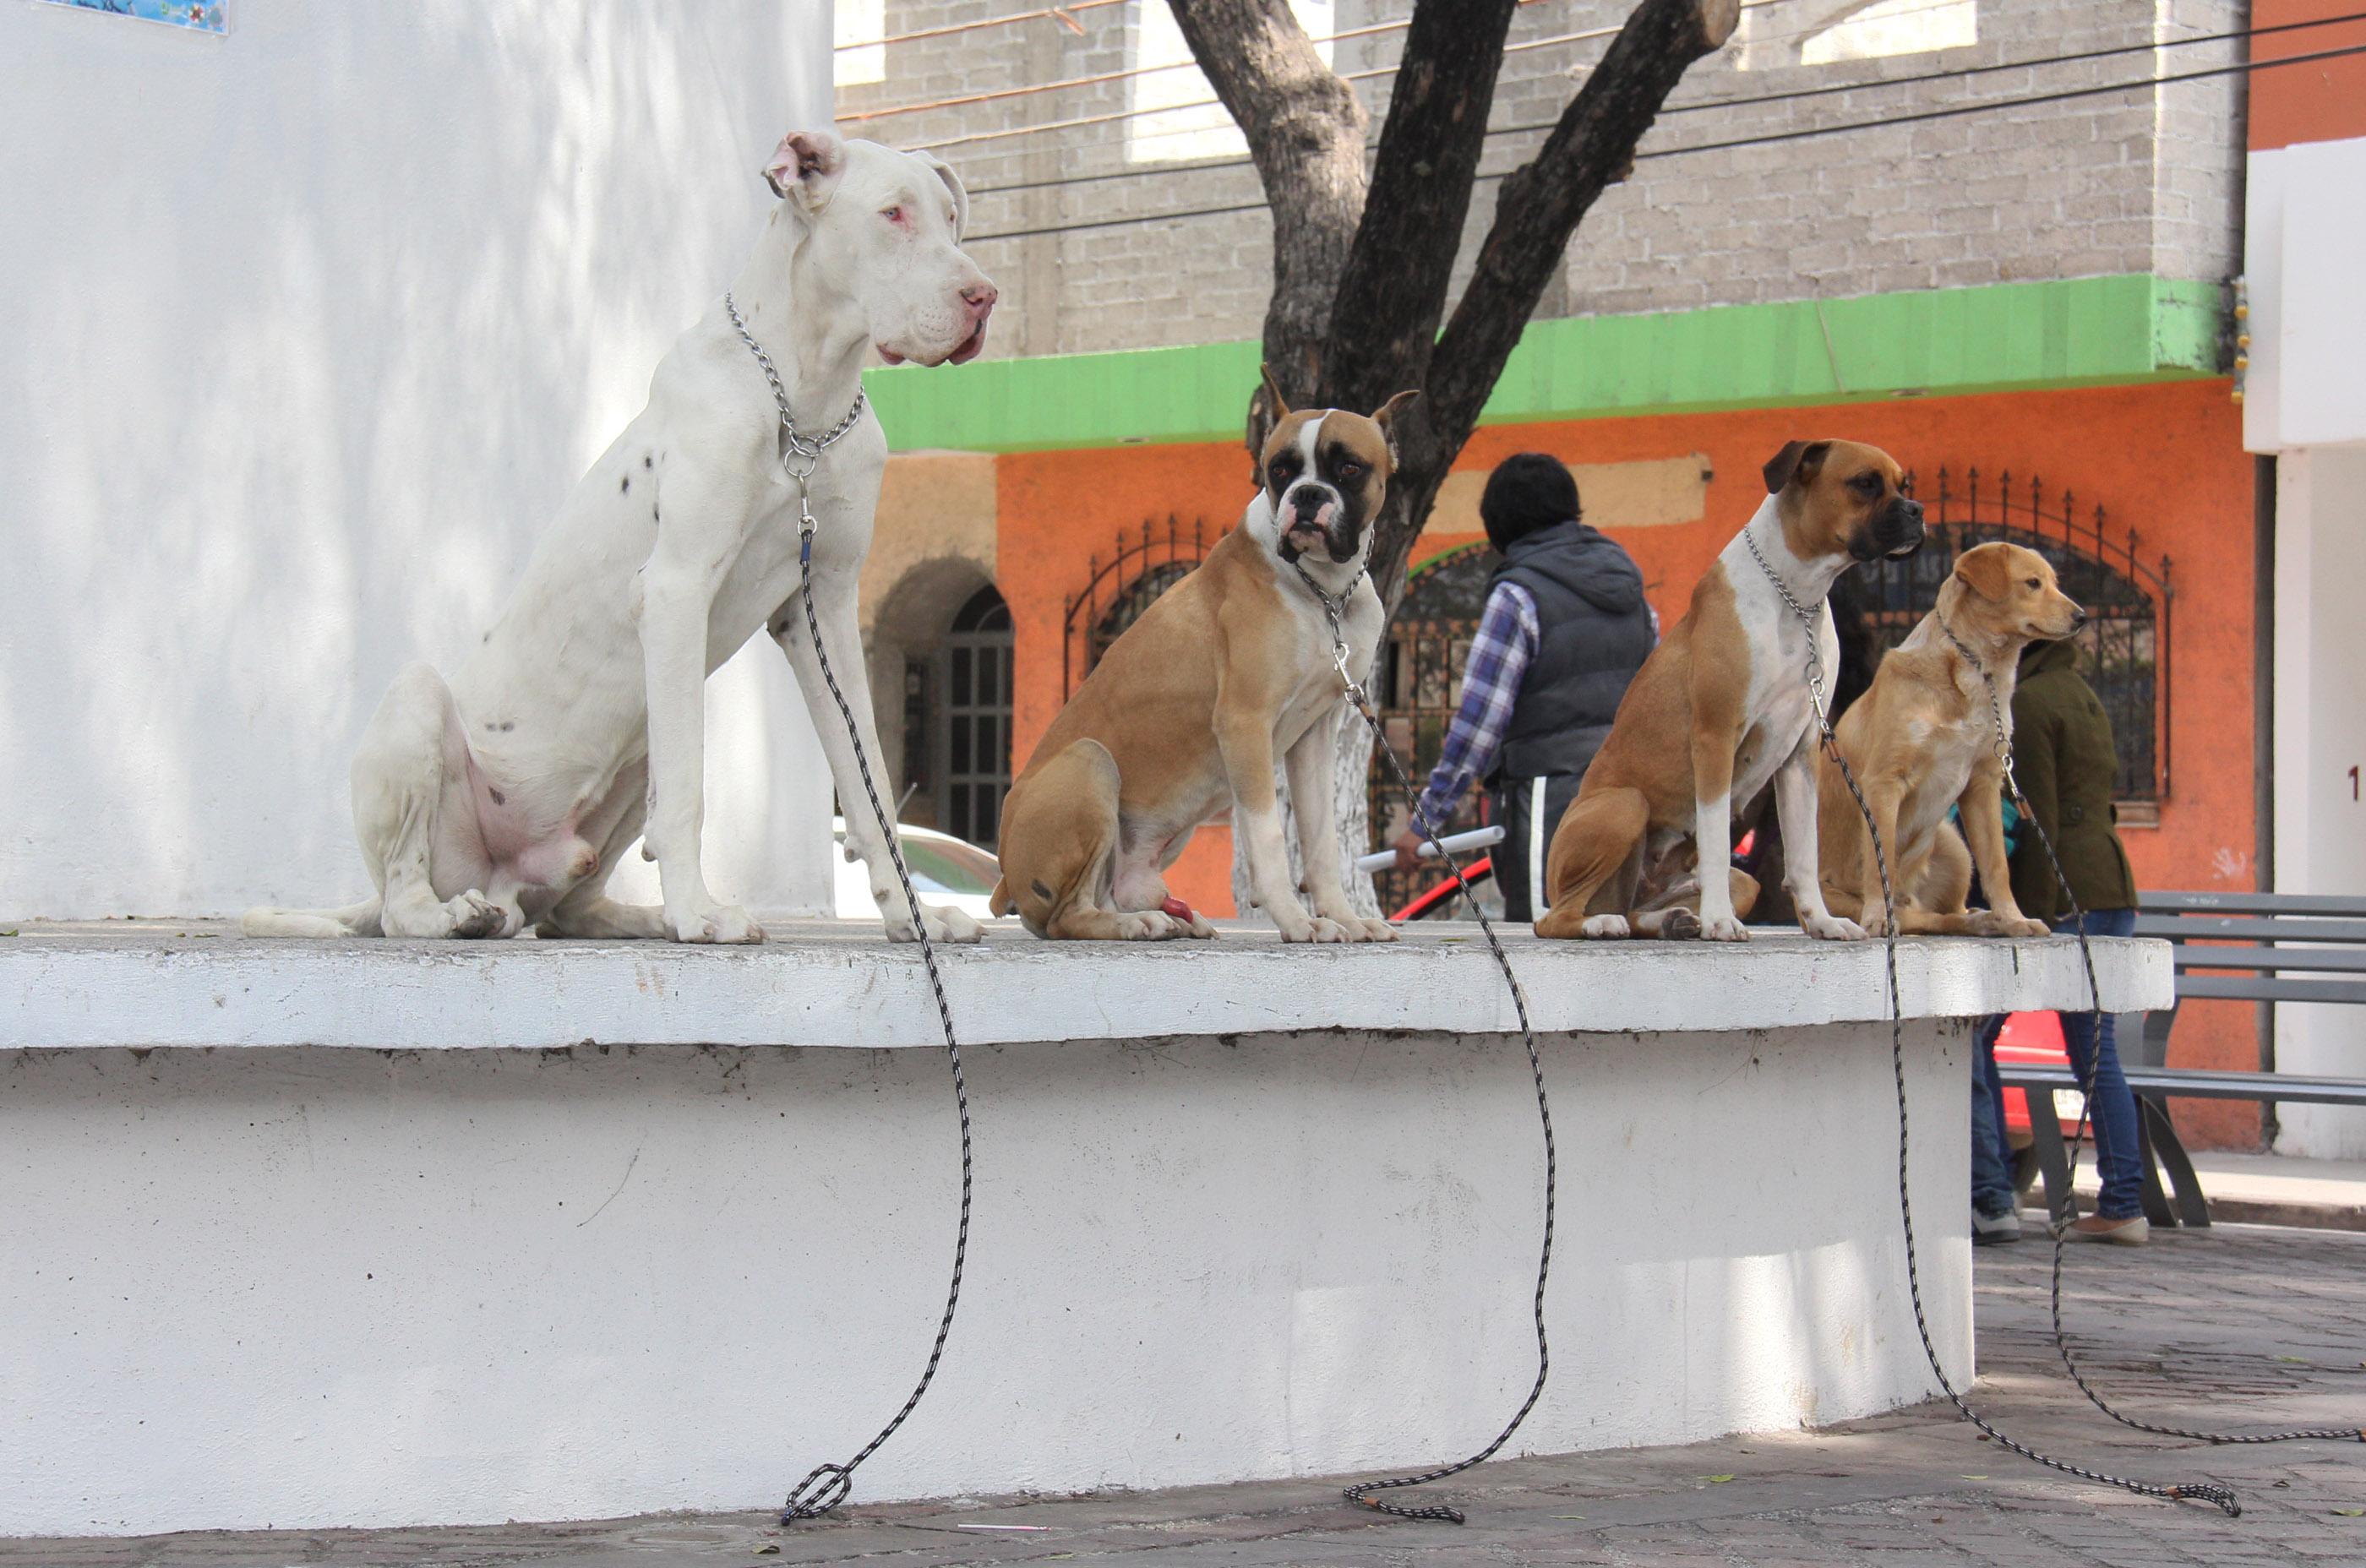 Protege y reubica ayuntamiento poblano a más de un animal al día